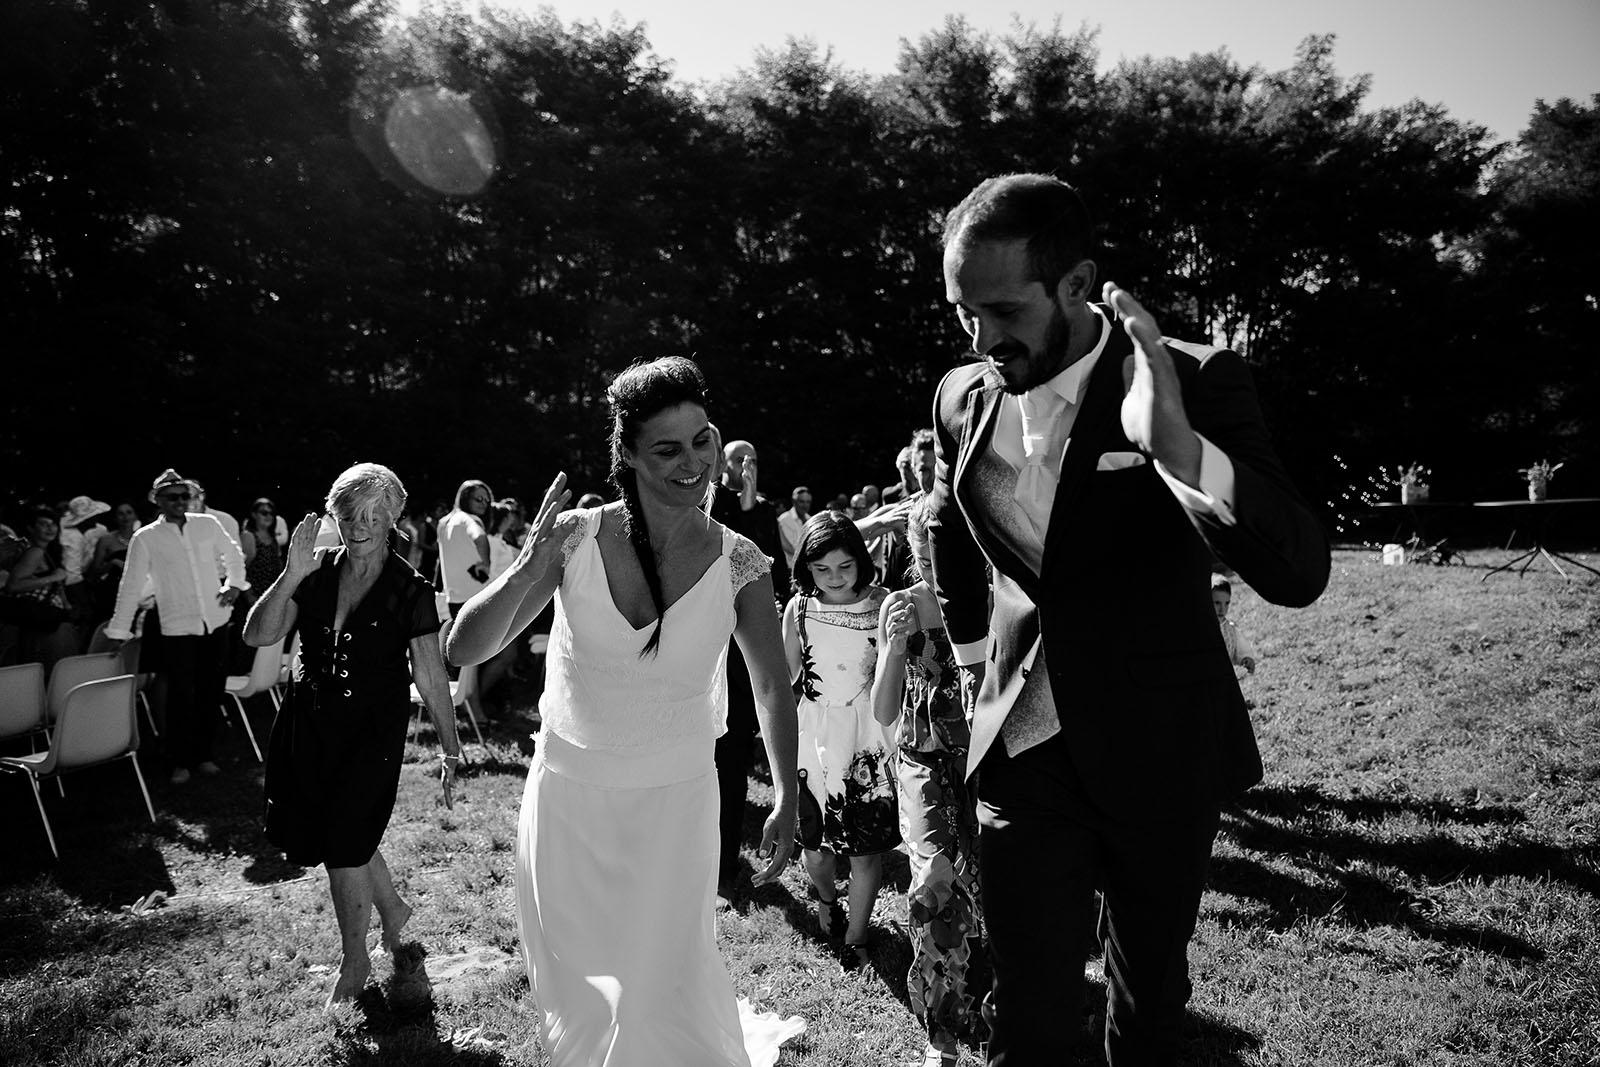 photographe de mariage Saint Etienne émotion joie bonheur danse de la joie mariés